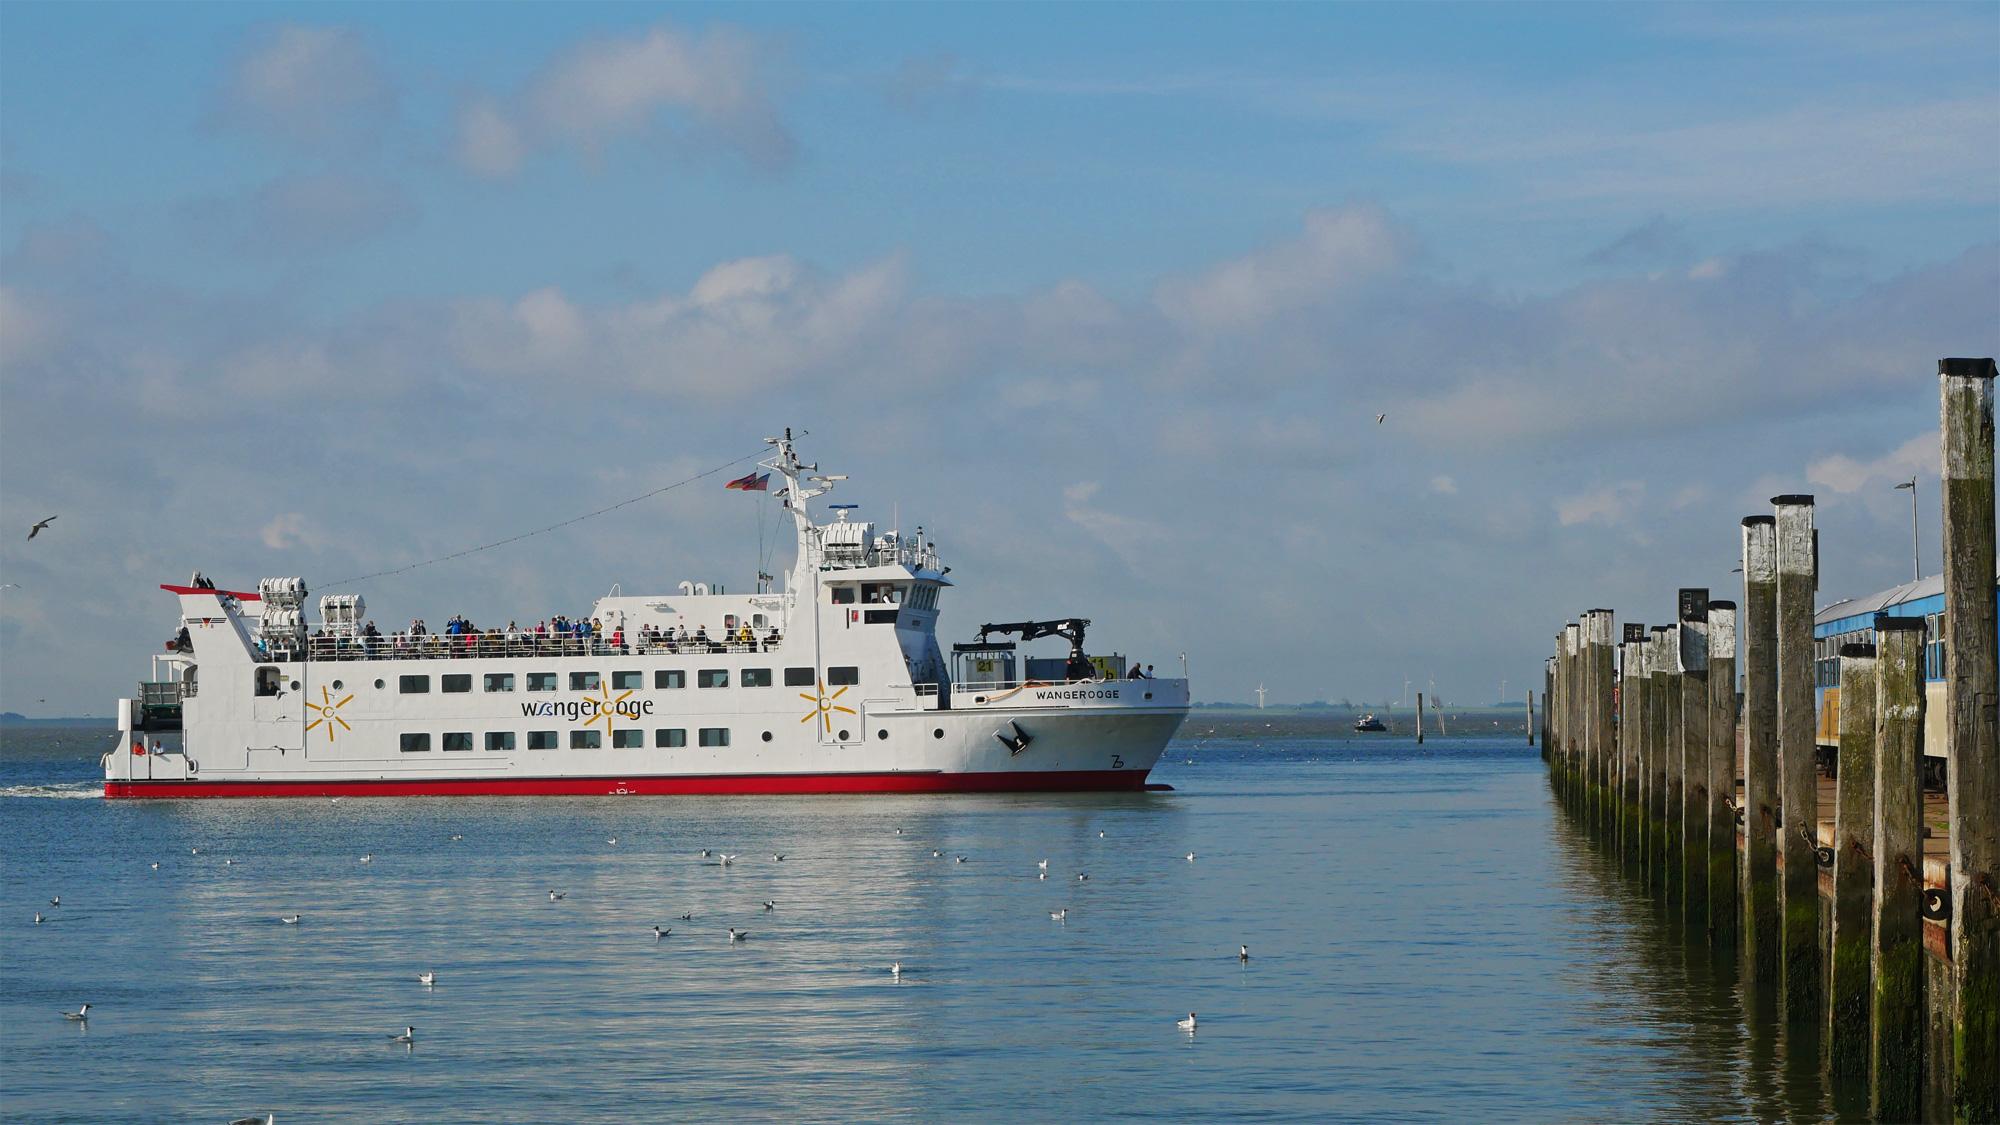 Die Fähre legt im Hafen von Wangerooge an